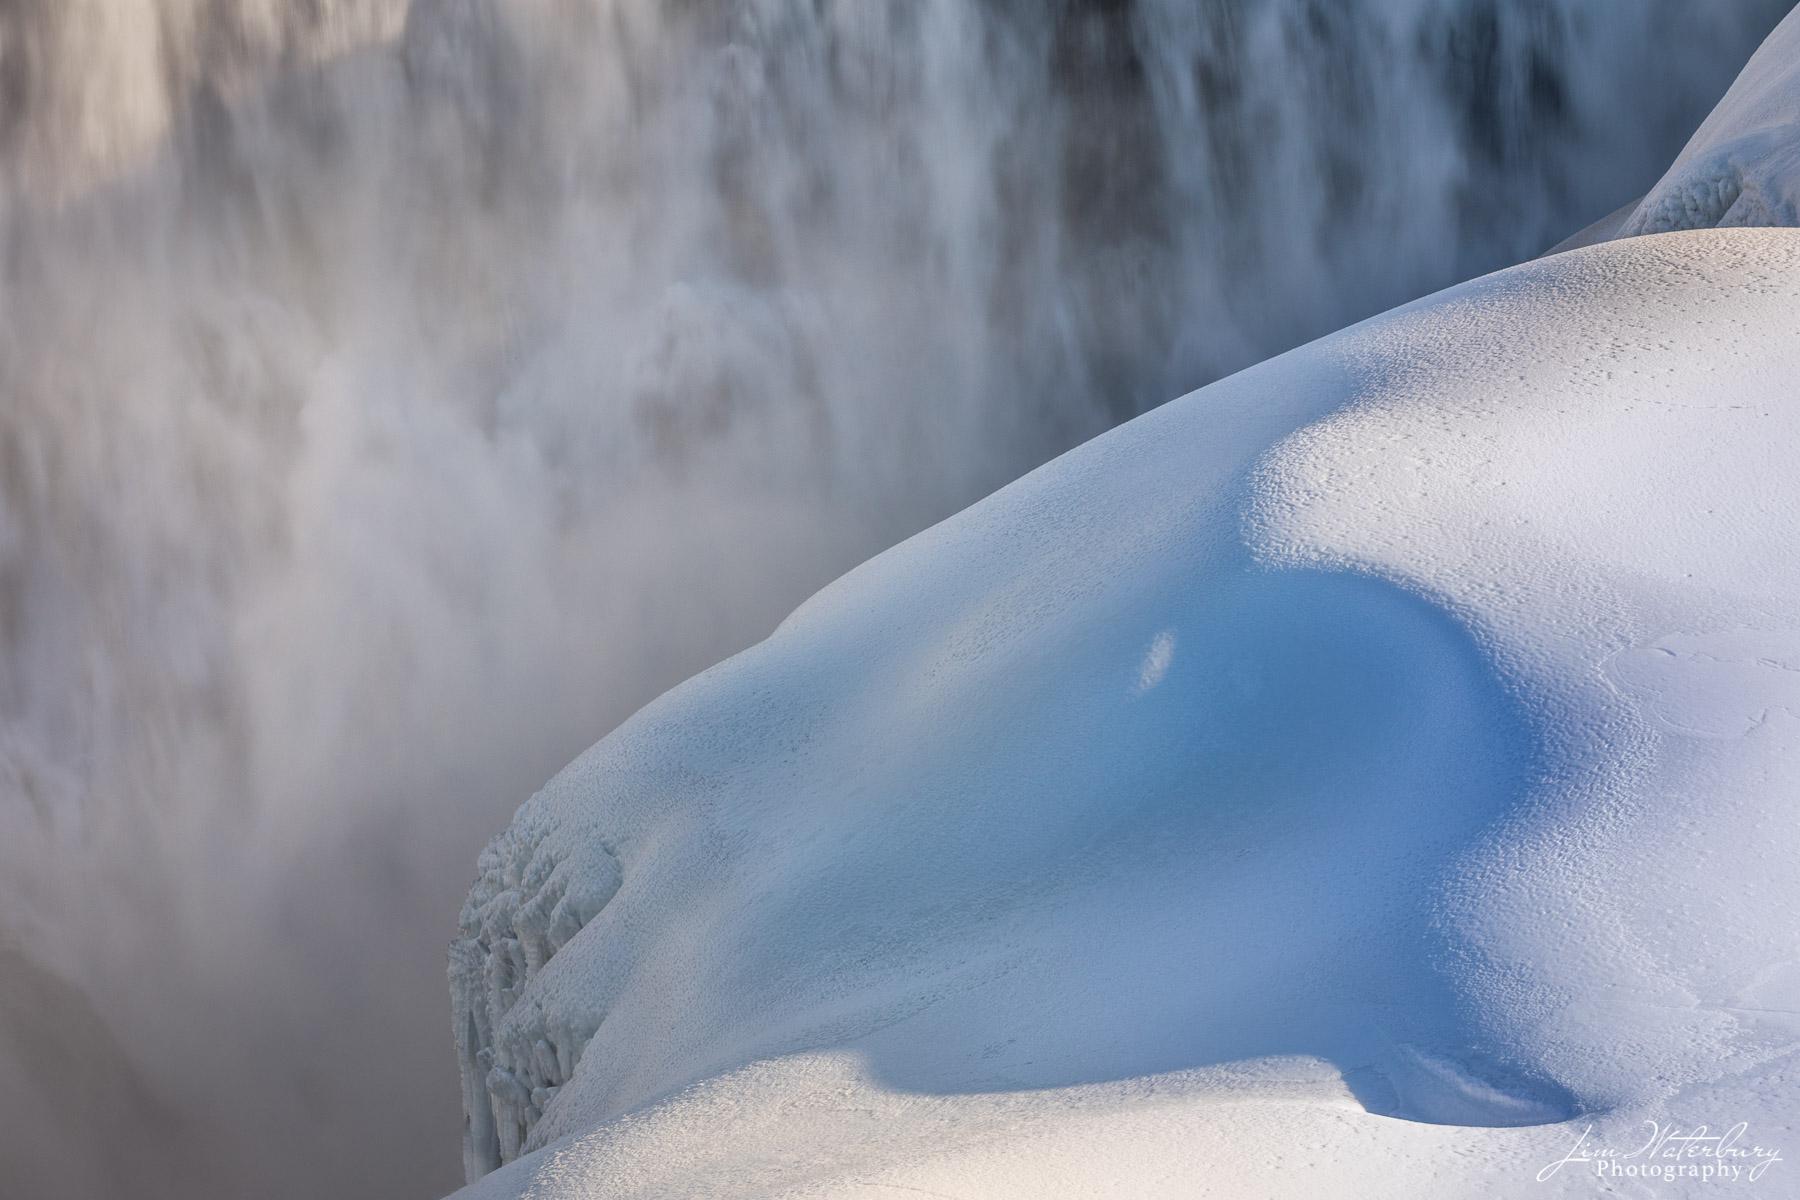 Europe, Iceland, photo